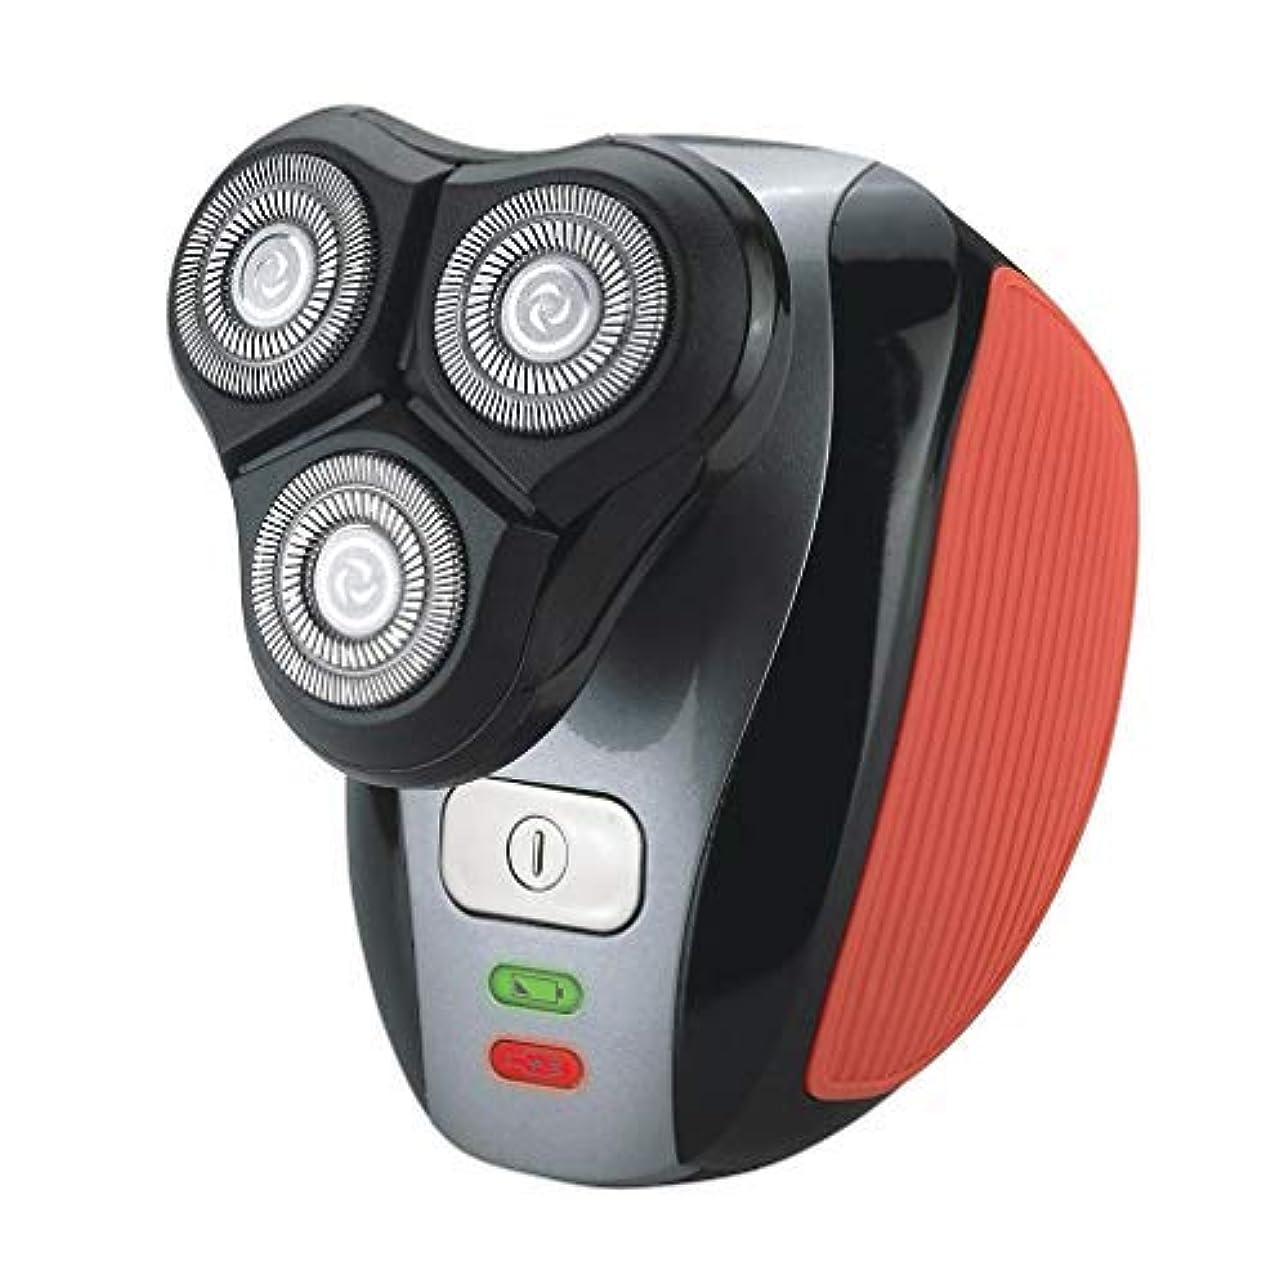 先駆者ステープルハリケーンスマートシェーバー用のUSB充電式で電気メンズシェーバーノーズビアード眉毛トリマーカミソリセルフトリマー